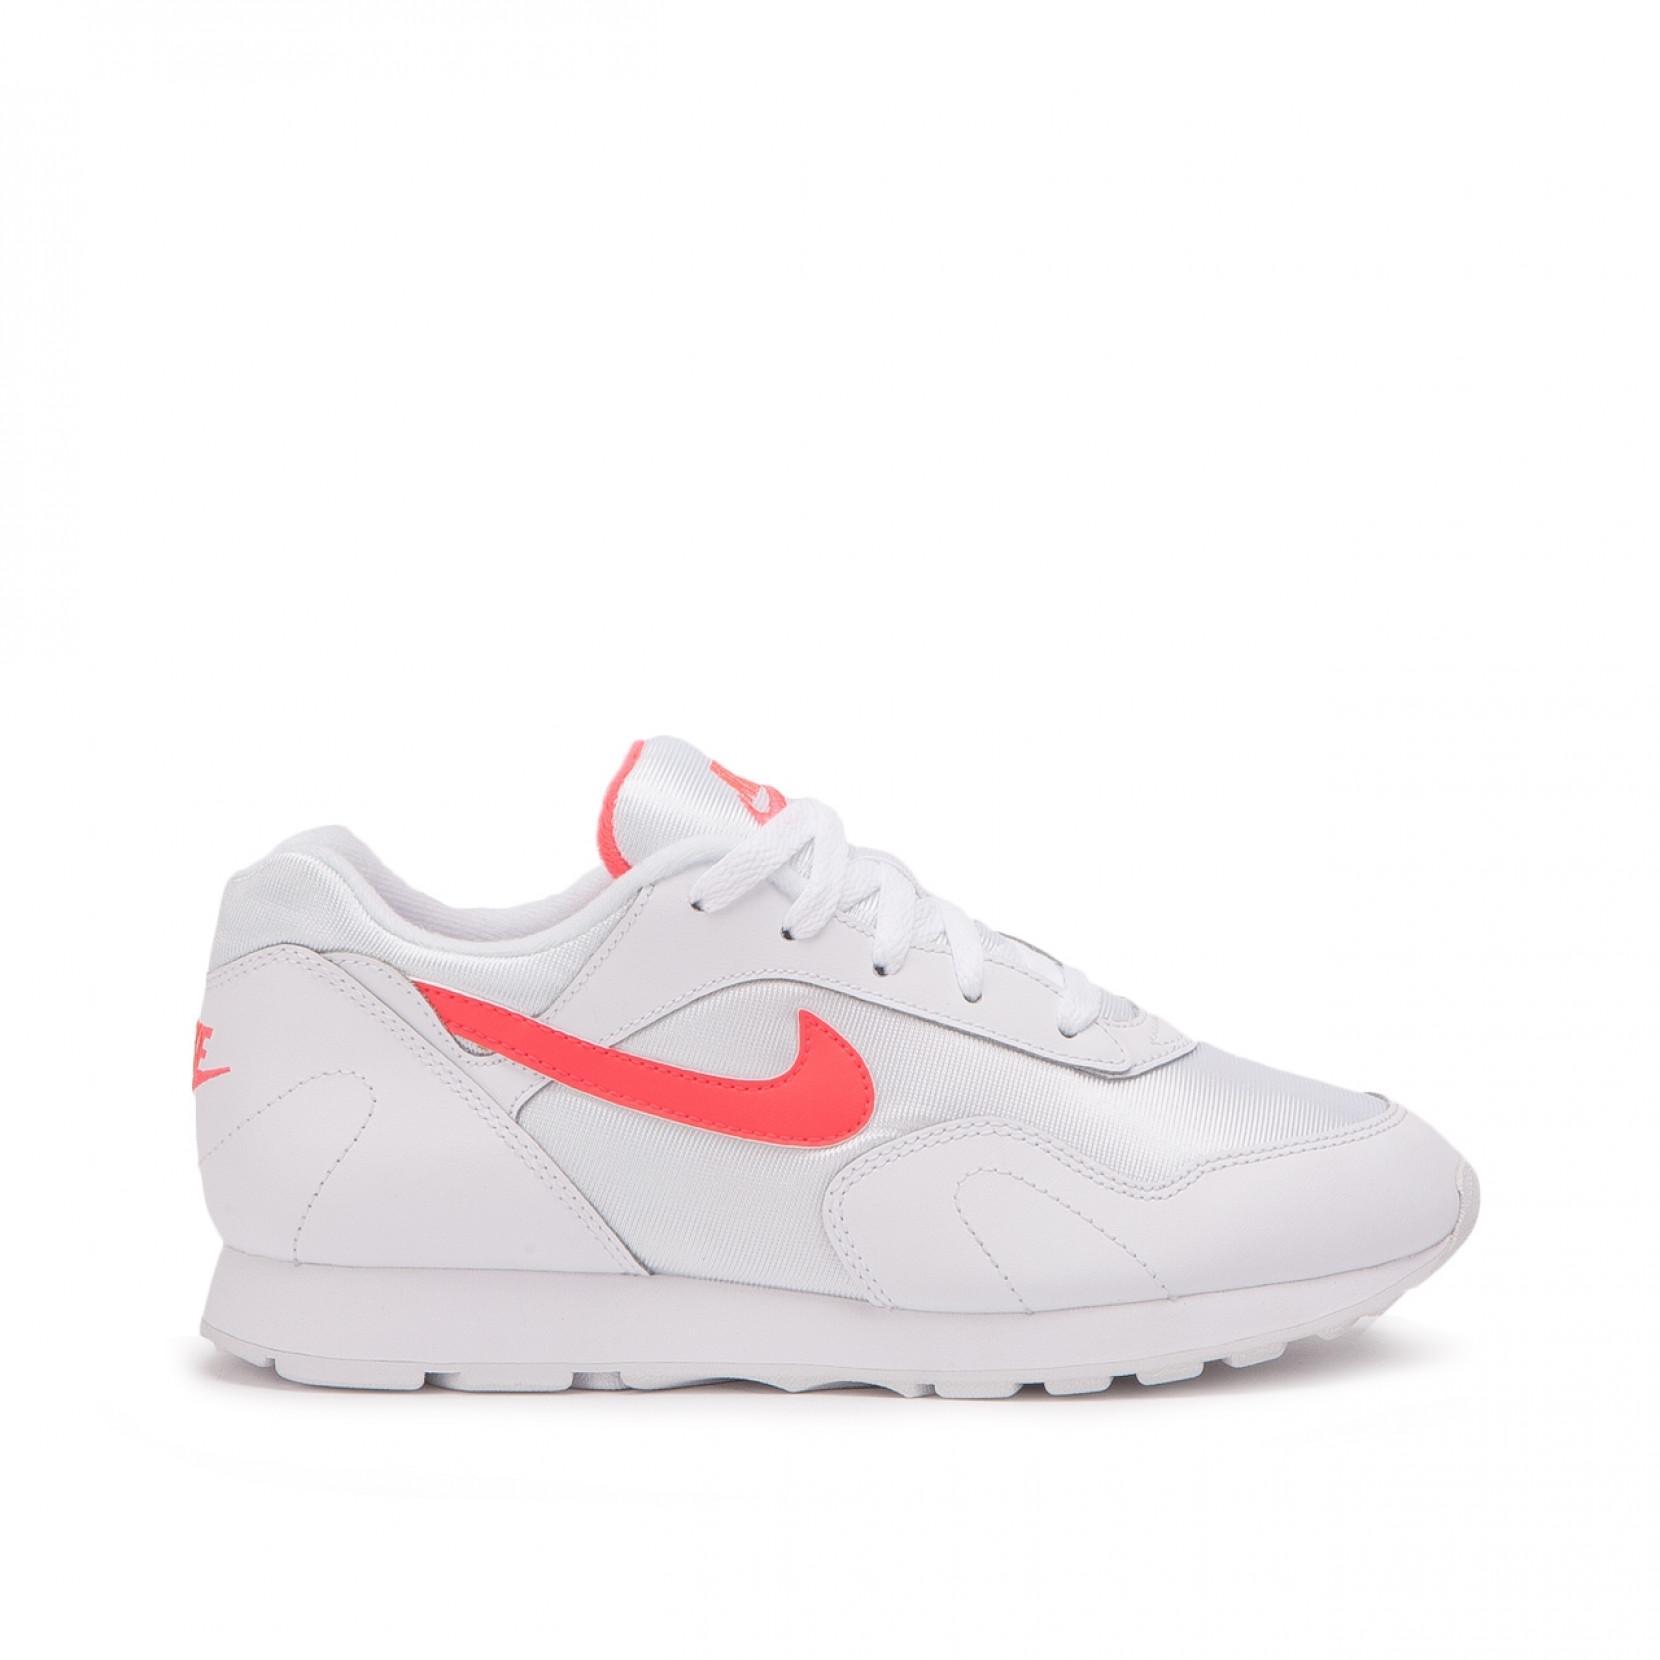 Men's White Nike Wmns Outburst Og